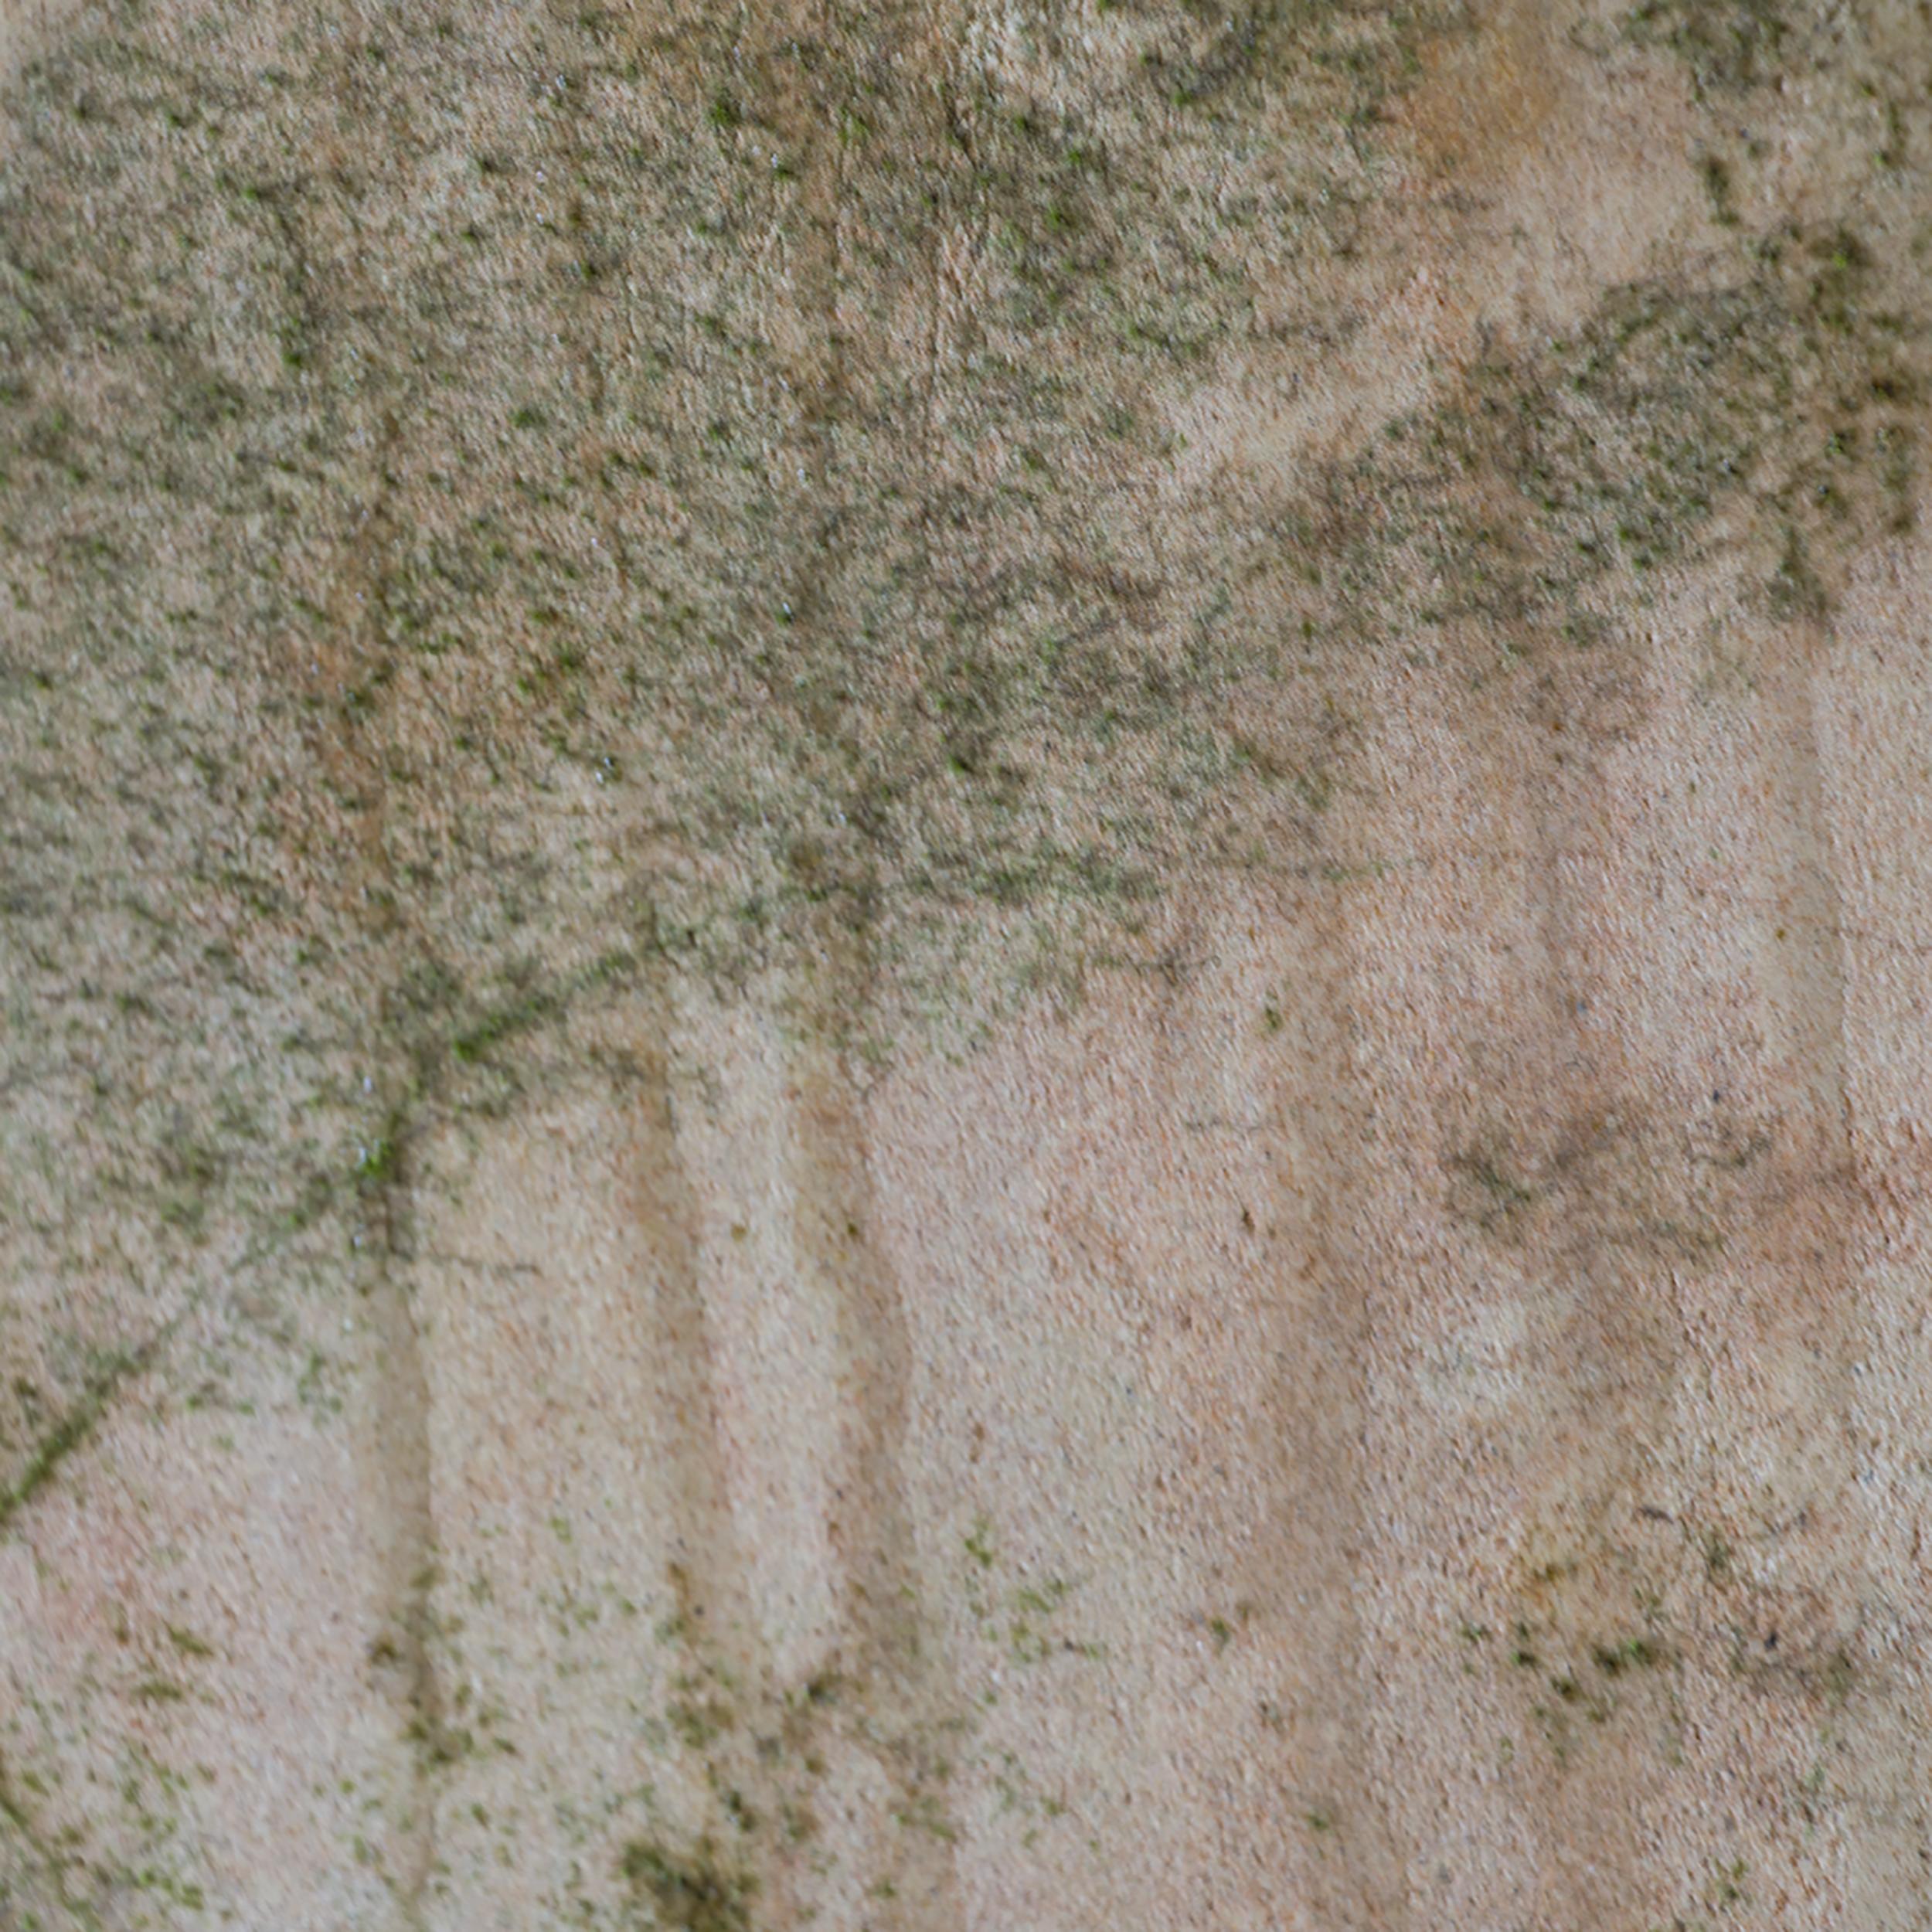 Trees in Mould 11.jpg